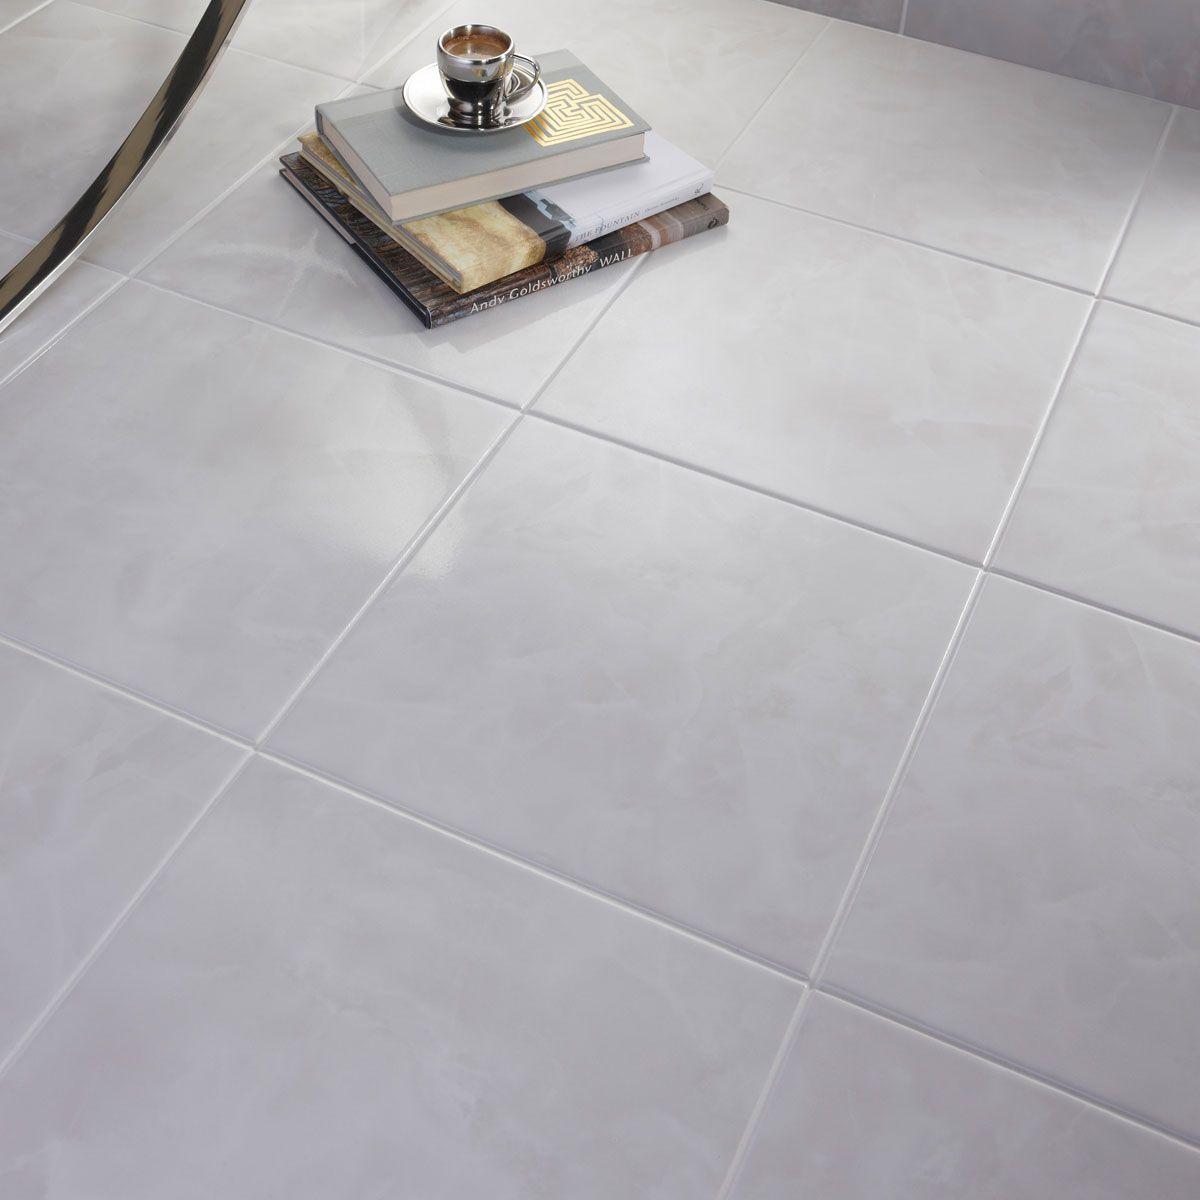 British Ceramic Tile Polar white gloss tile 331mm x 331mm   Ranges